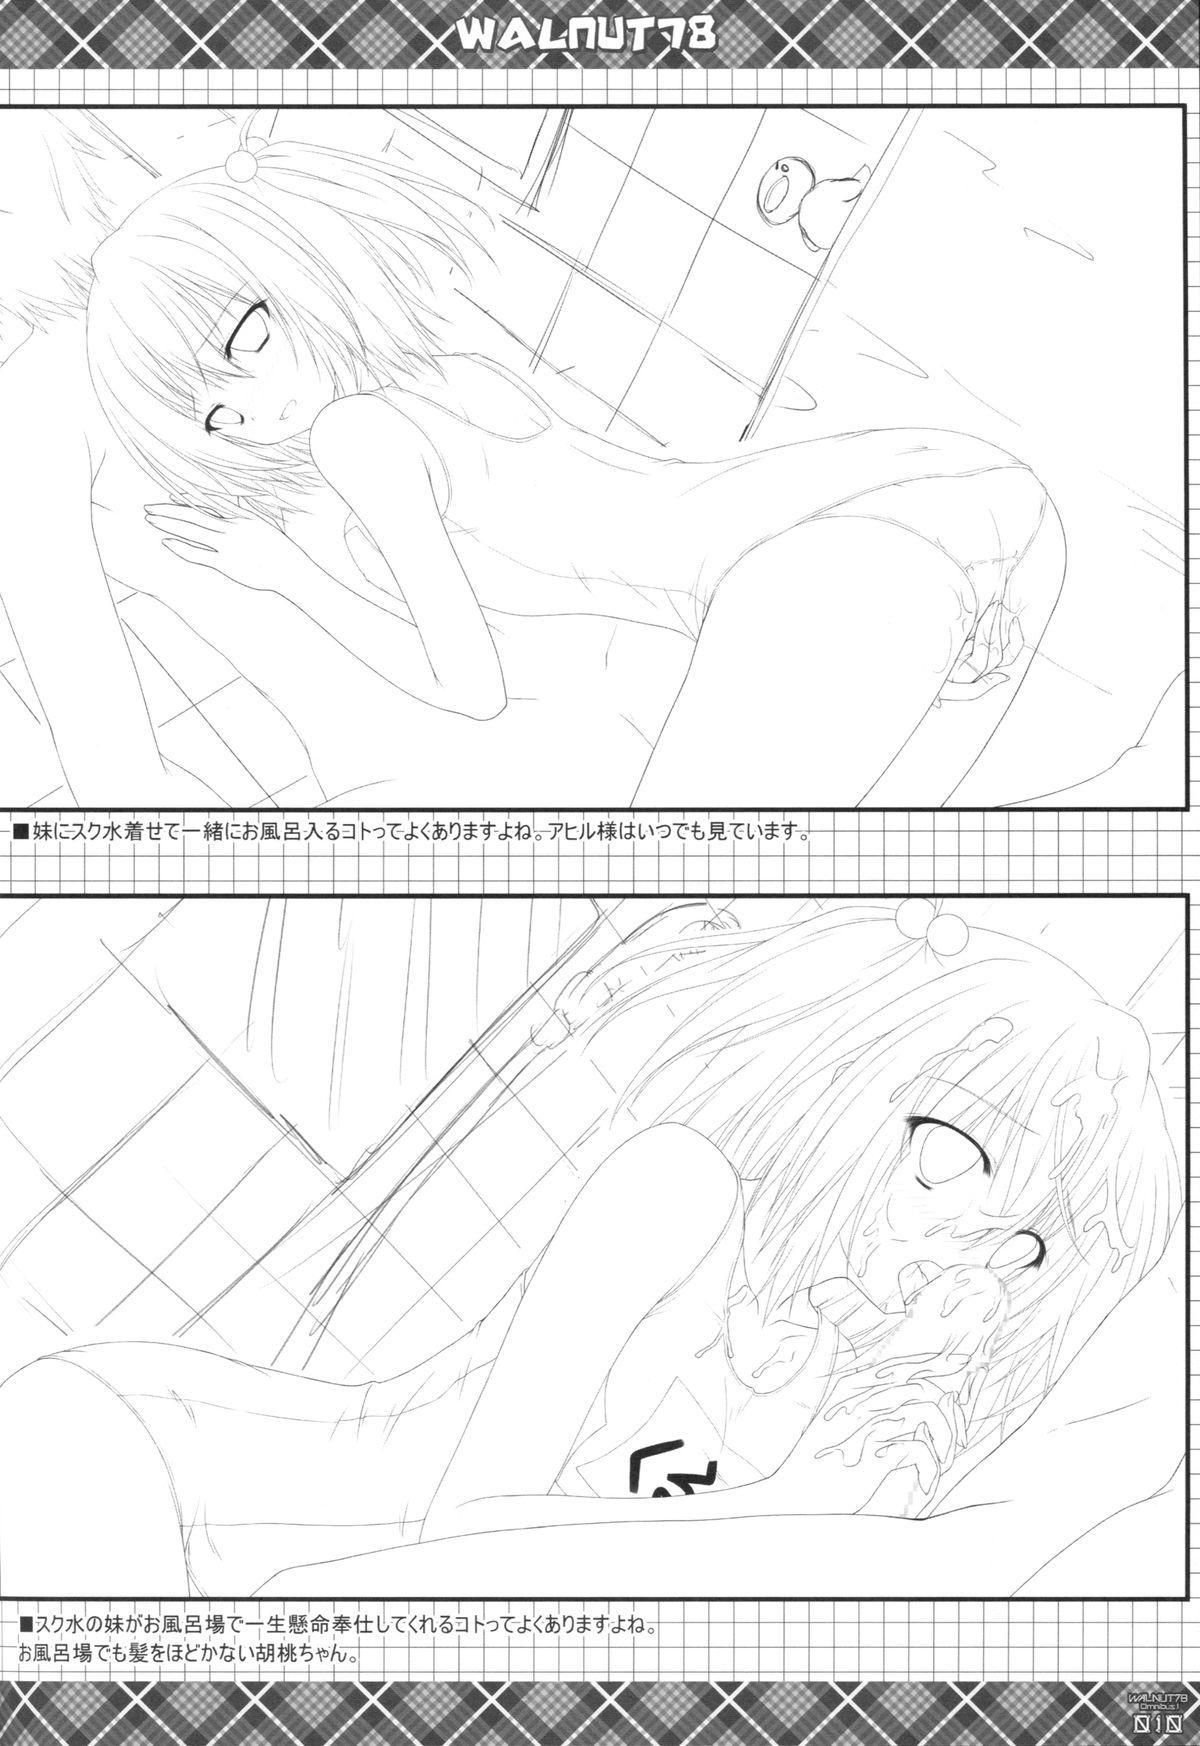 (C89) [Sui-en (Sui-en)] WALNUT78 Omnibus 1 -Suien-en Illustrations 2012-2014- (Various) 7